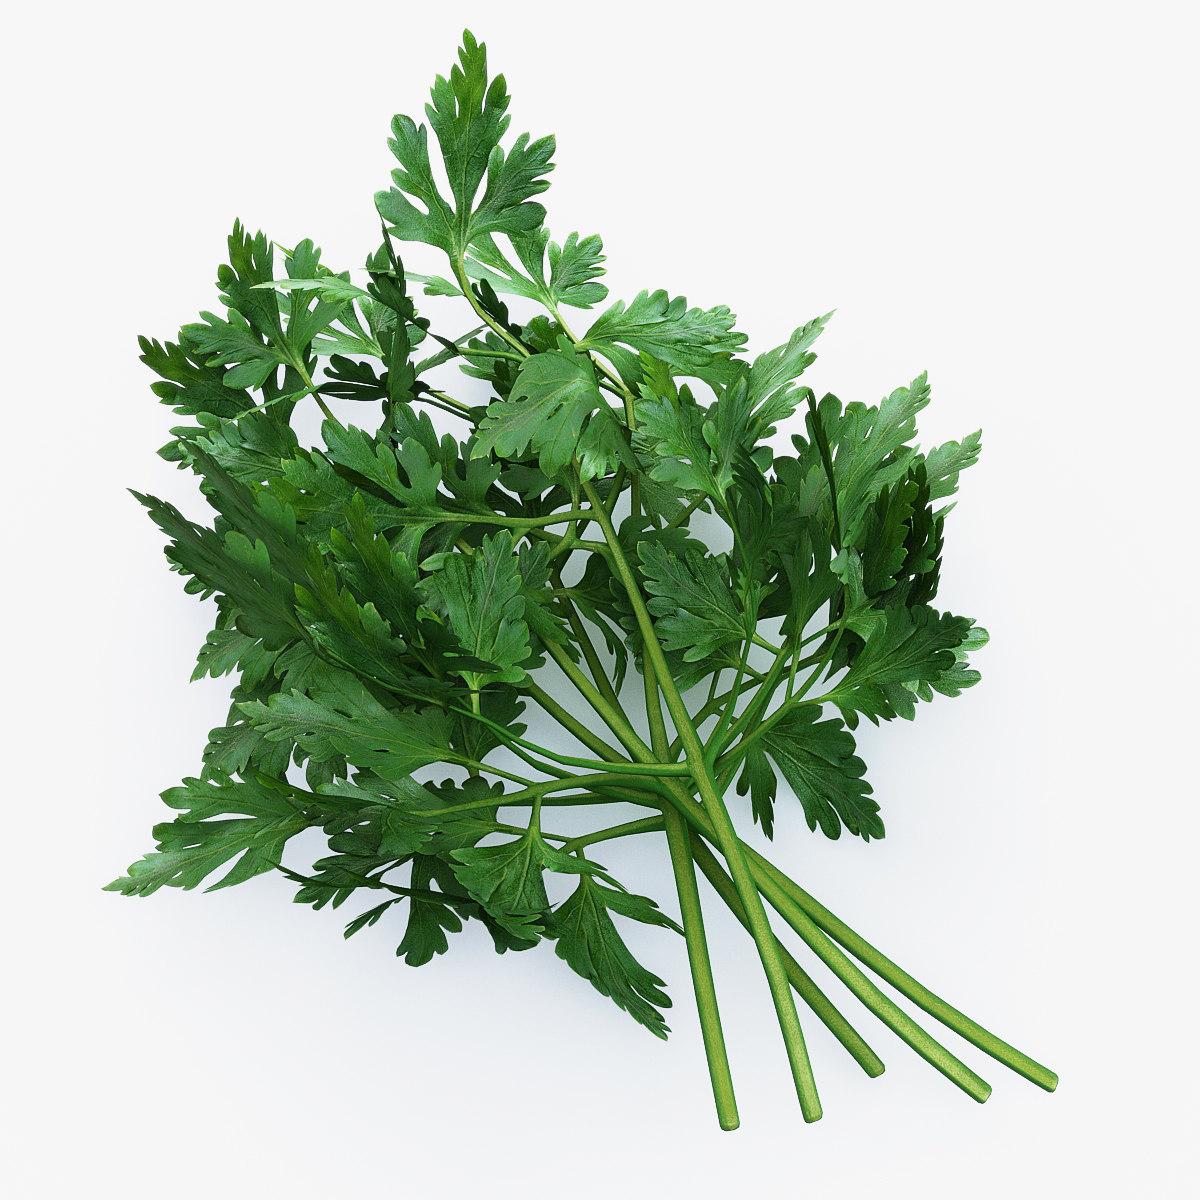 parsley use max